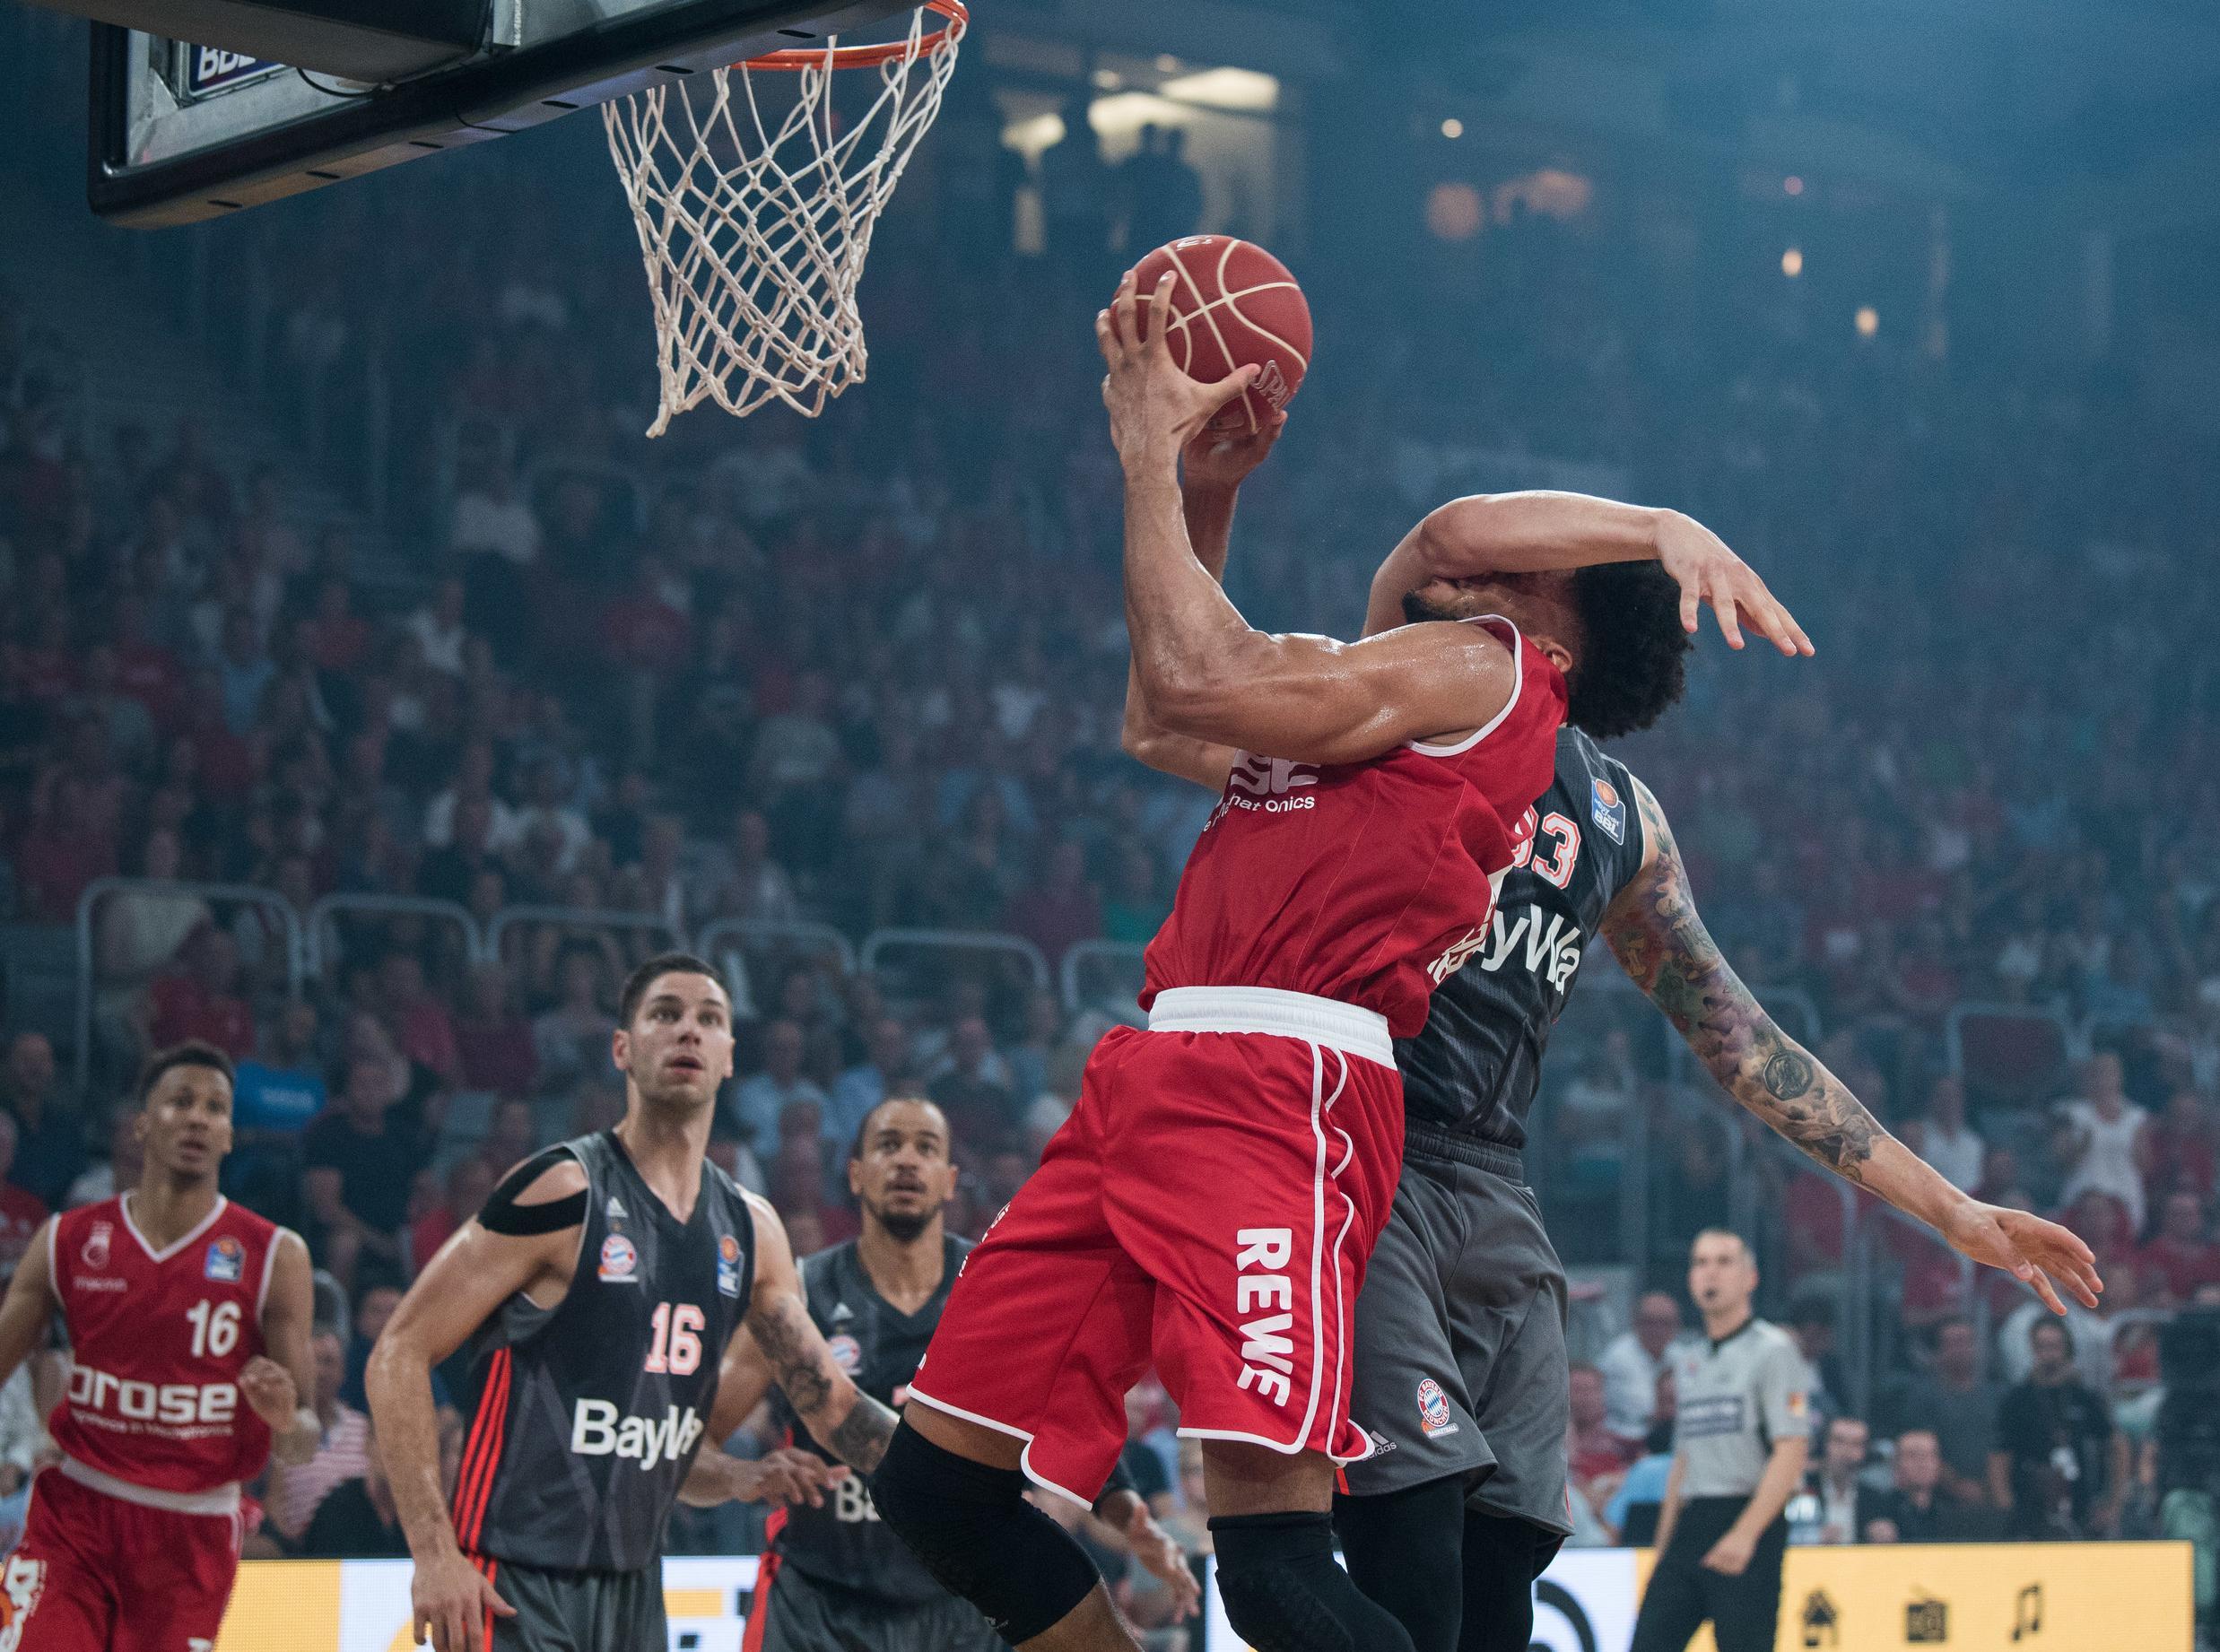 Spielpause in der deutschen Basketball-Liga BBL: Große finanzielle Verluste drohen.